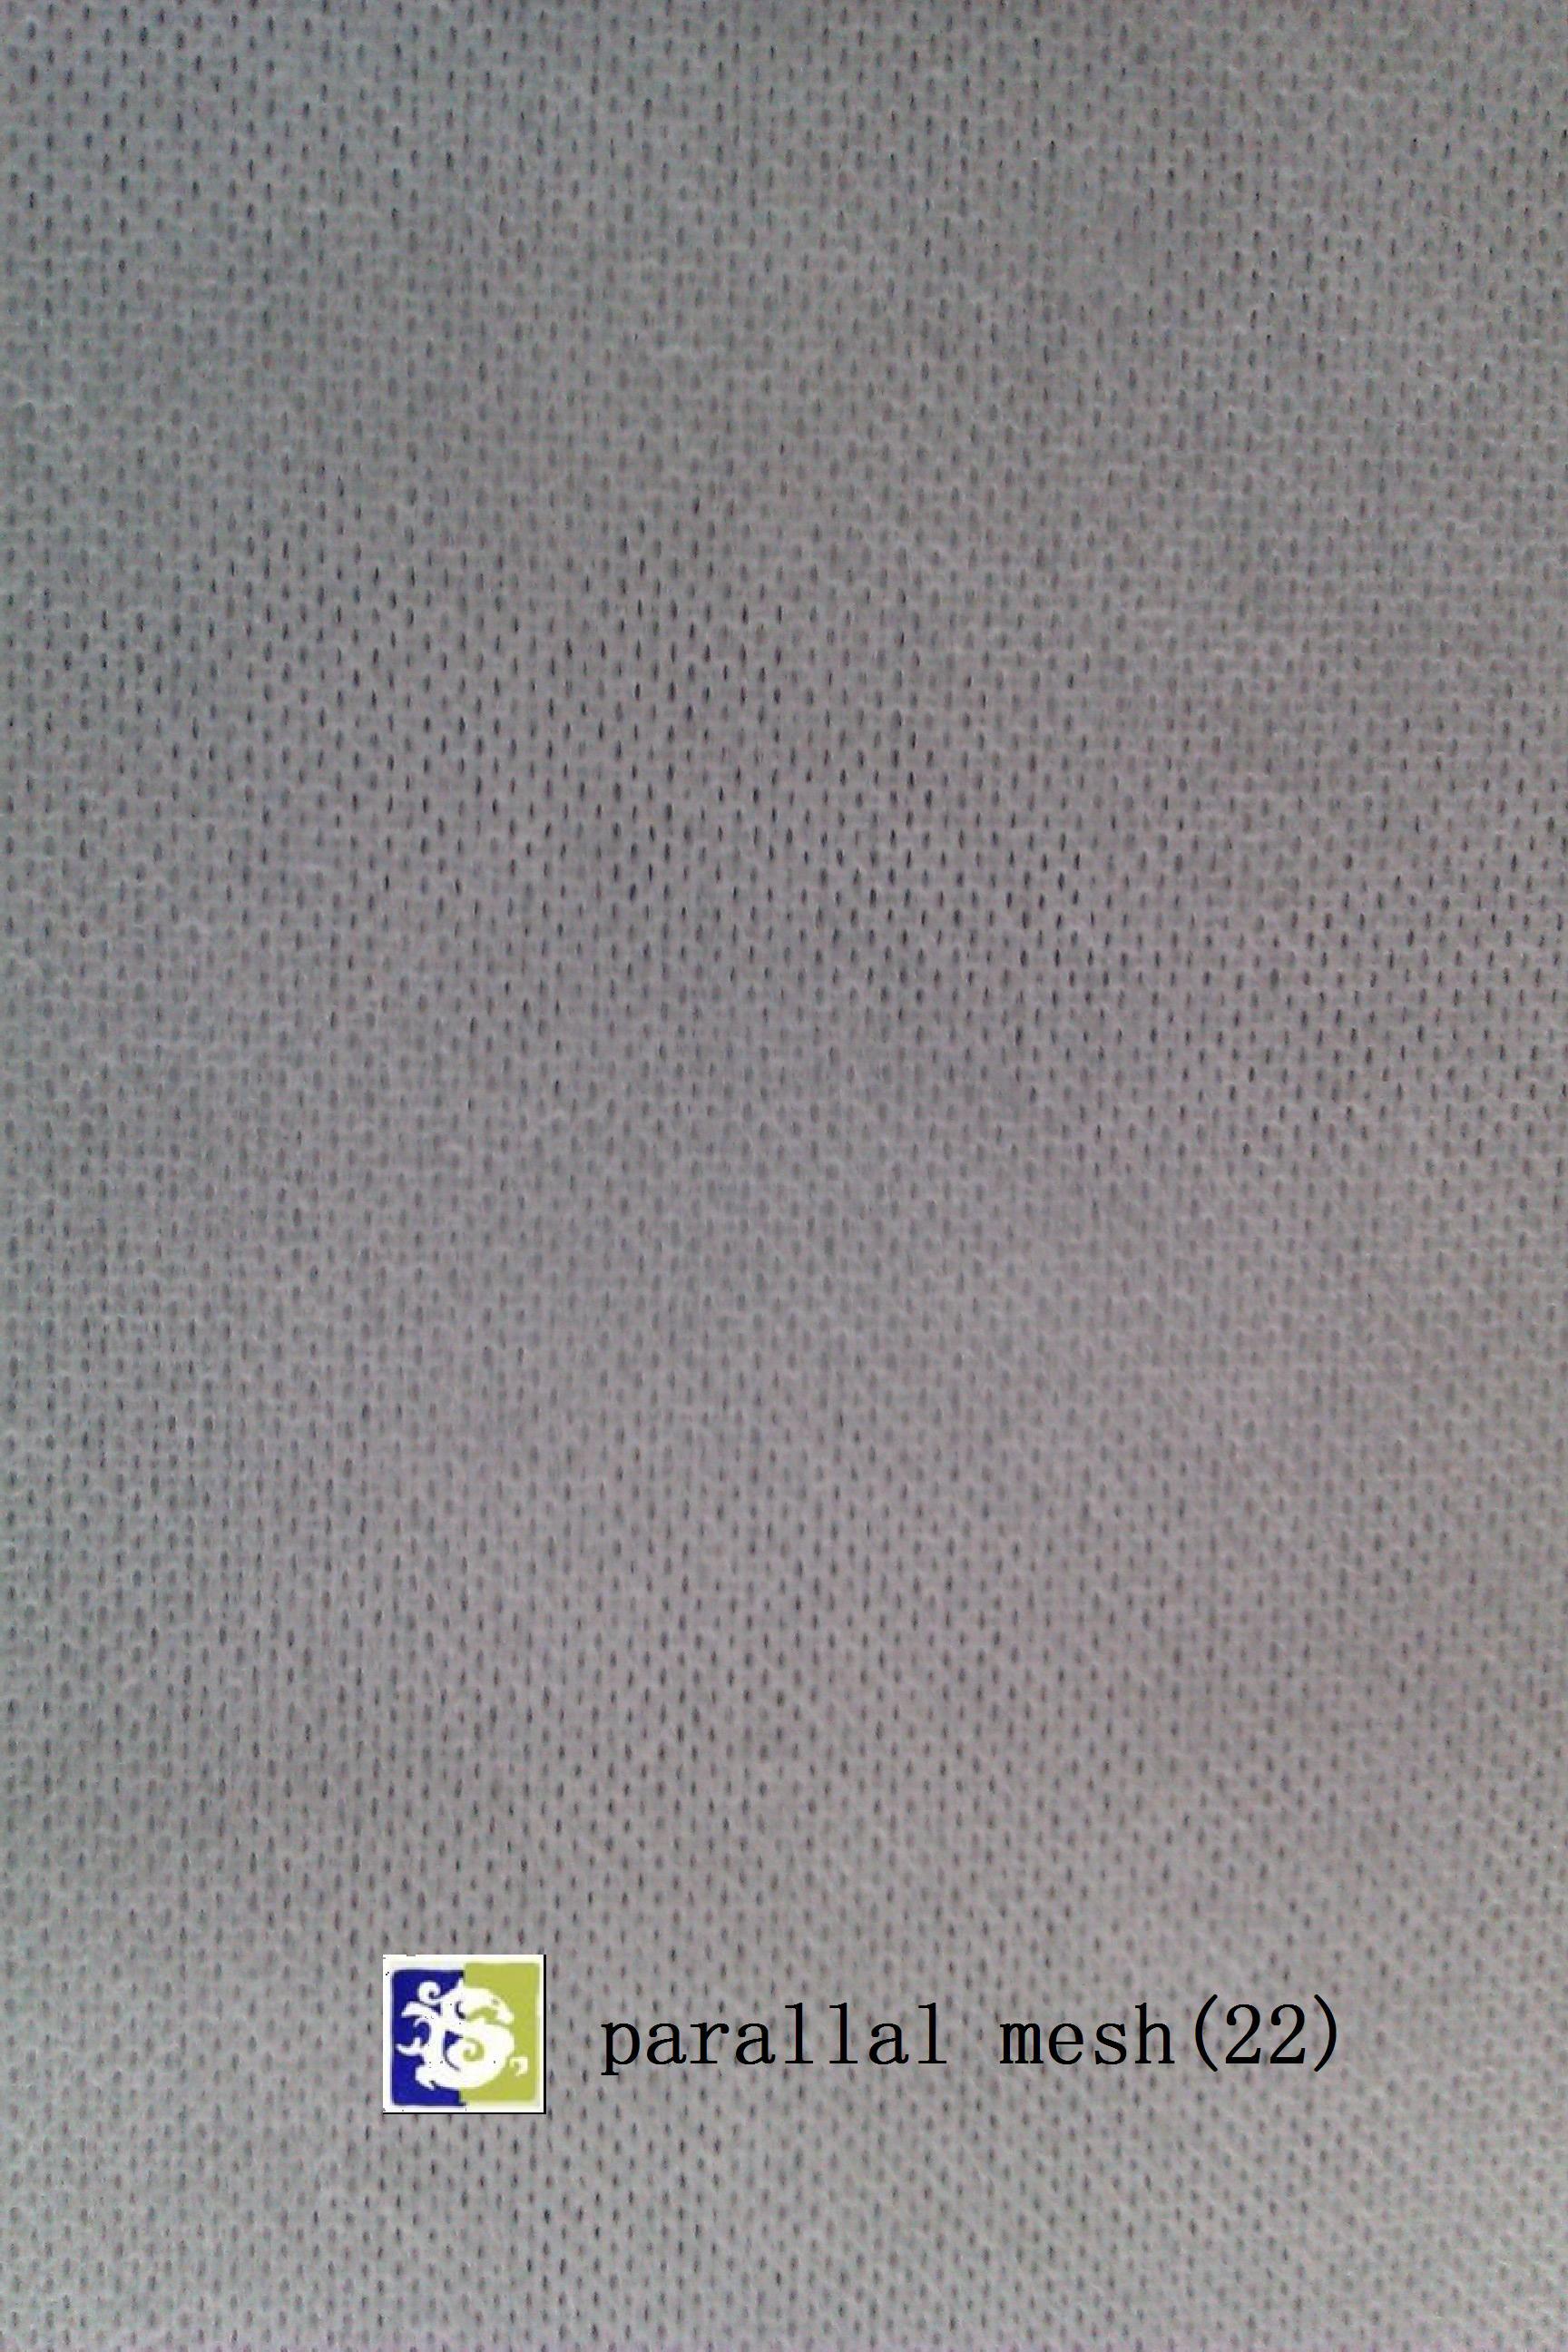 唯洁无纺布 水刺平铺无纺布